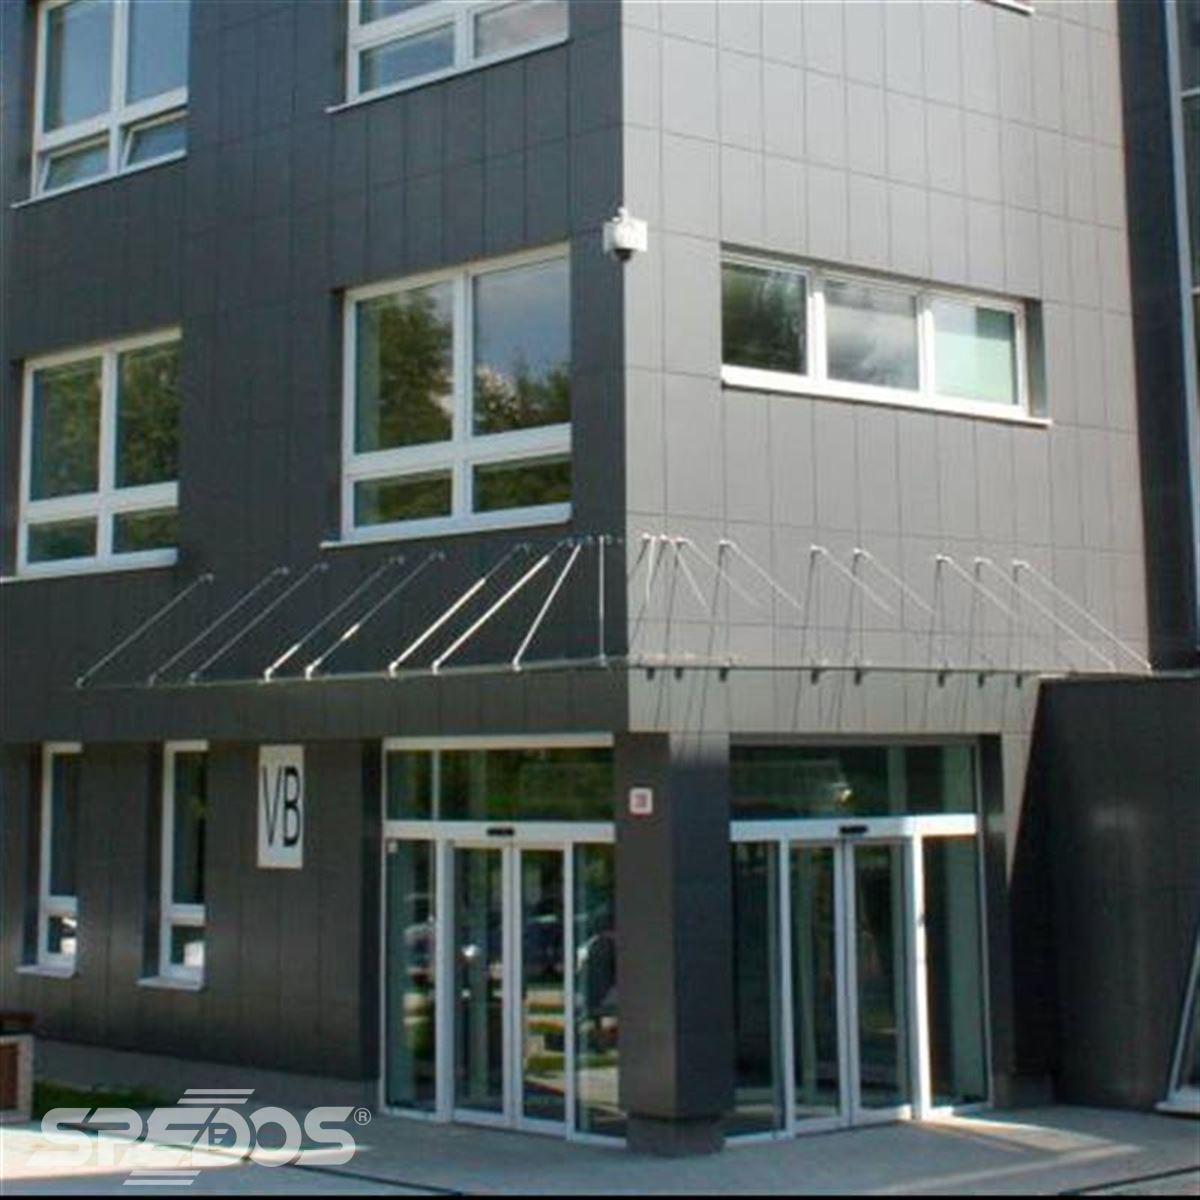 Dvoukřídlé automatické dveře posuvné v Žilinské univerzitě 1